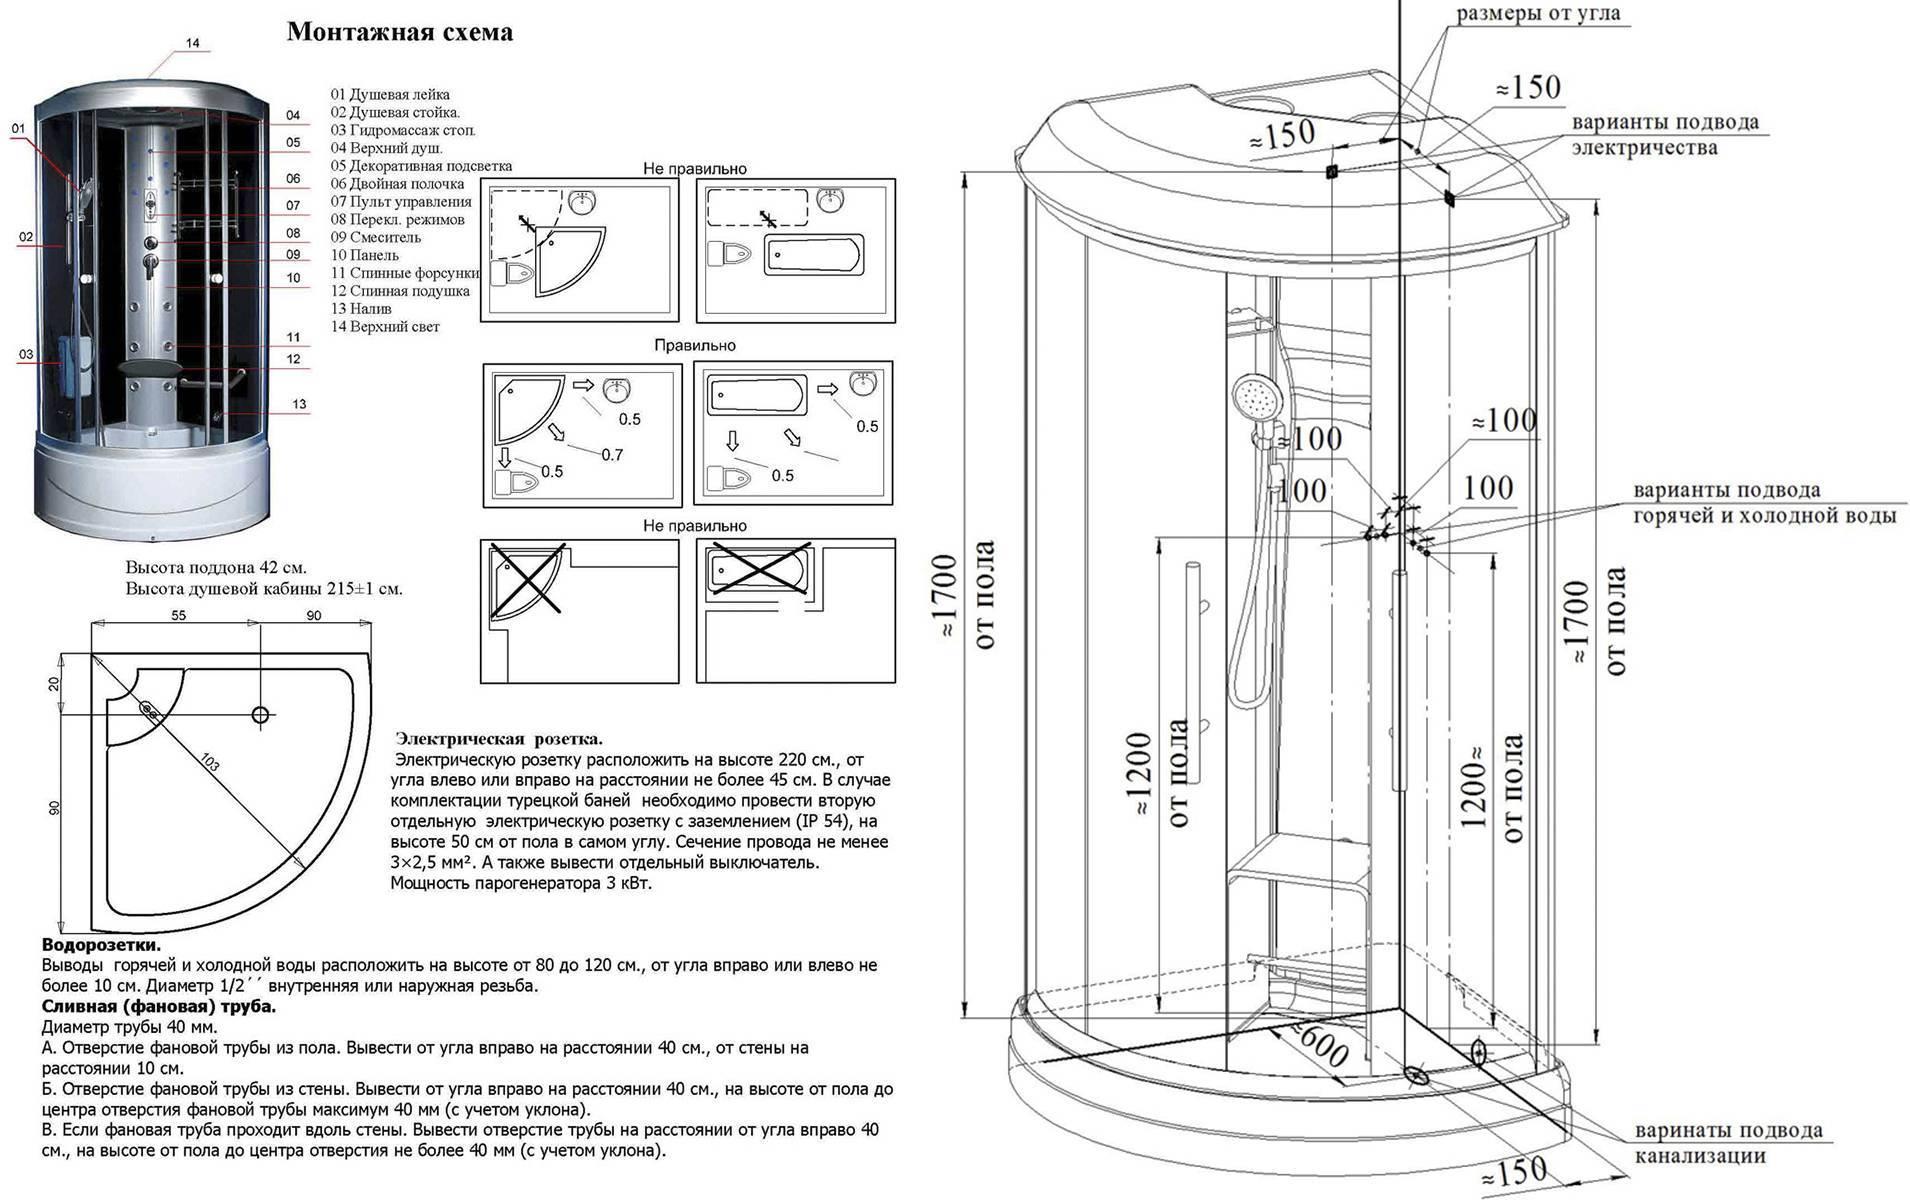 Сборка и установка душевой кабины самостоятельно – монтаж и видео инструкция